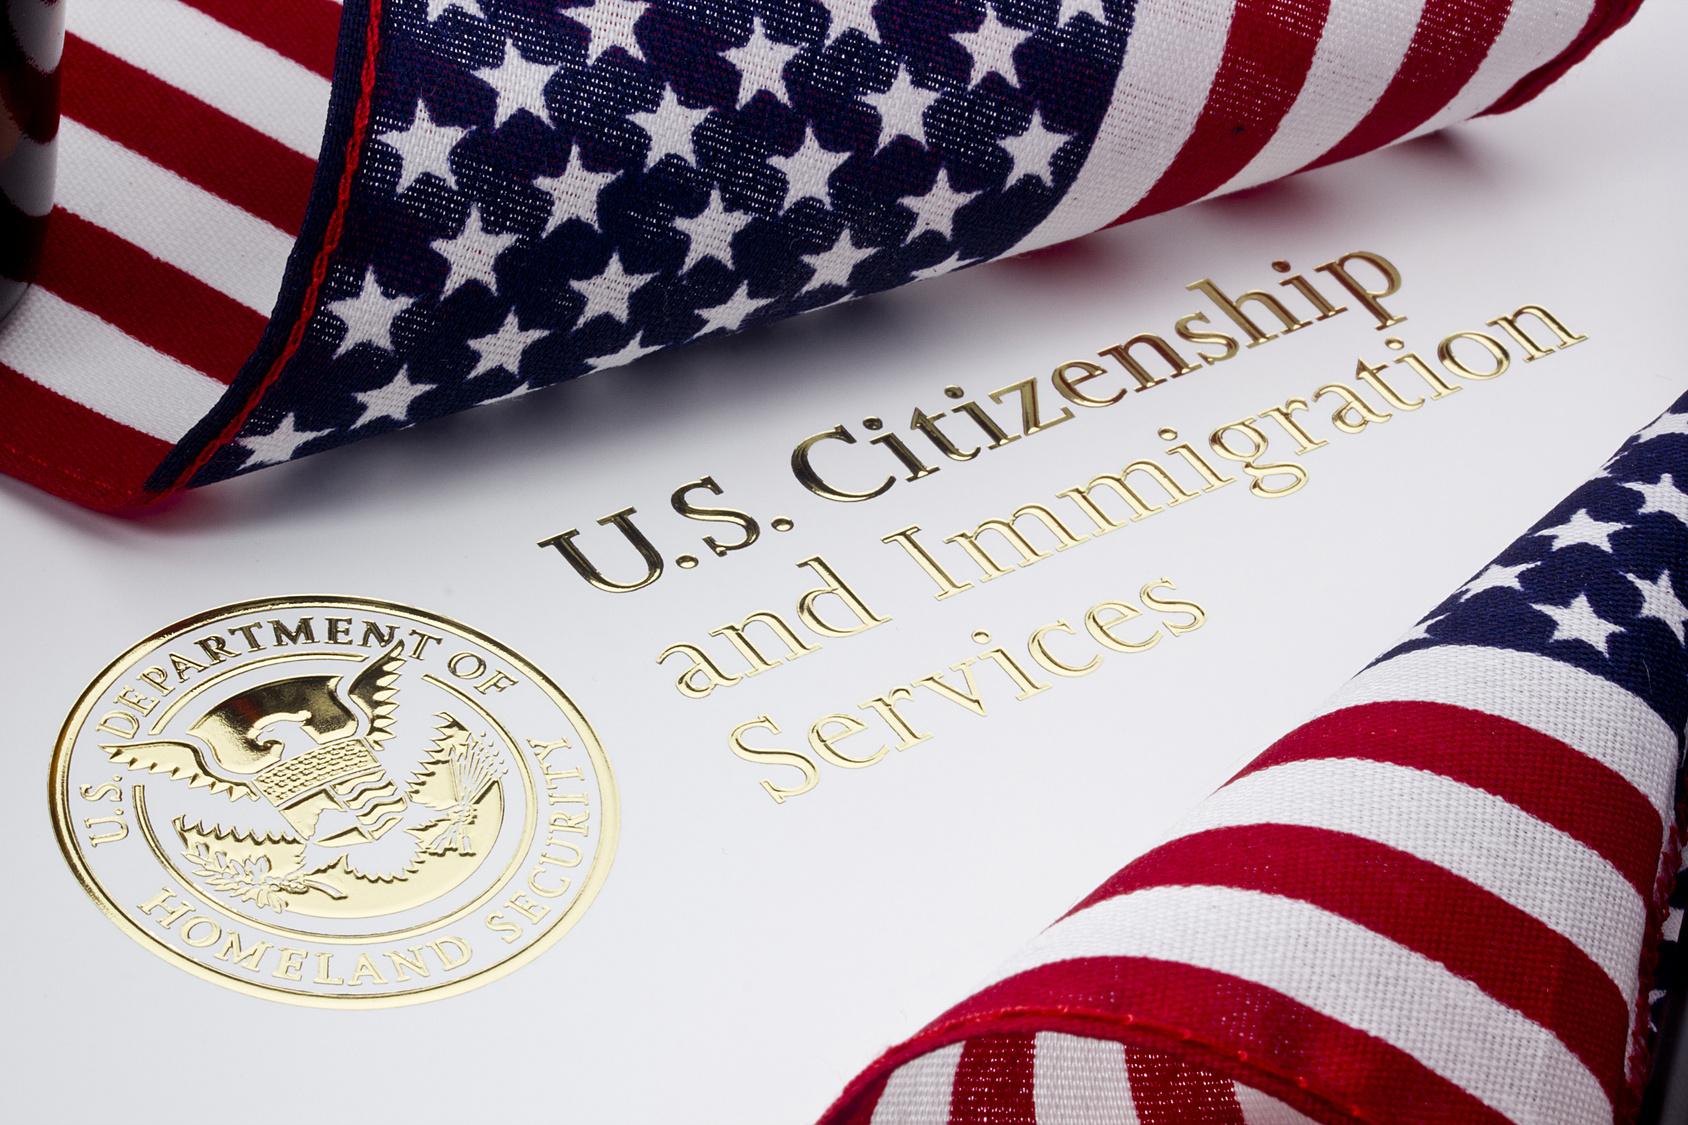 1월17일 시행된 '60일 유예기간' 시행 규칙이 발표되면서 그 동안 이민국 심사관마다 제 각각 실무상 인정했던 유예기간을 60일로 통일하게 된 것입니다.